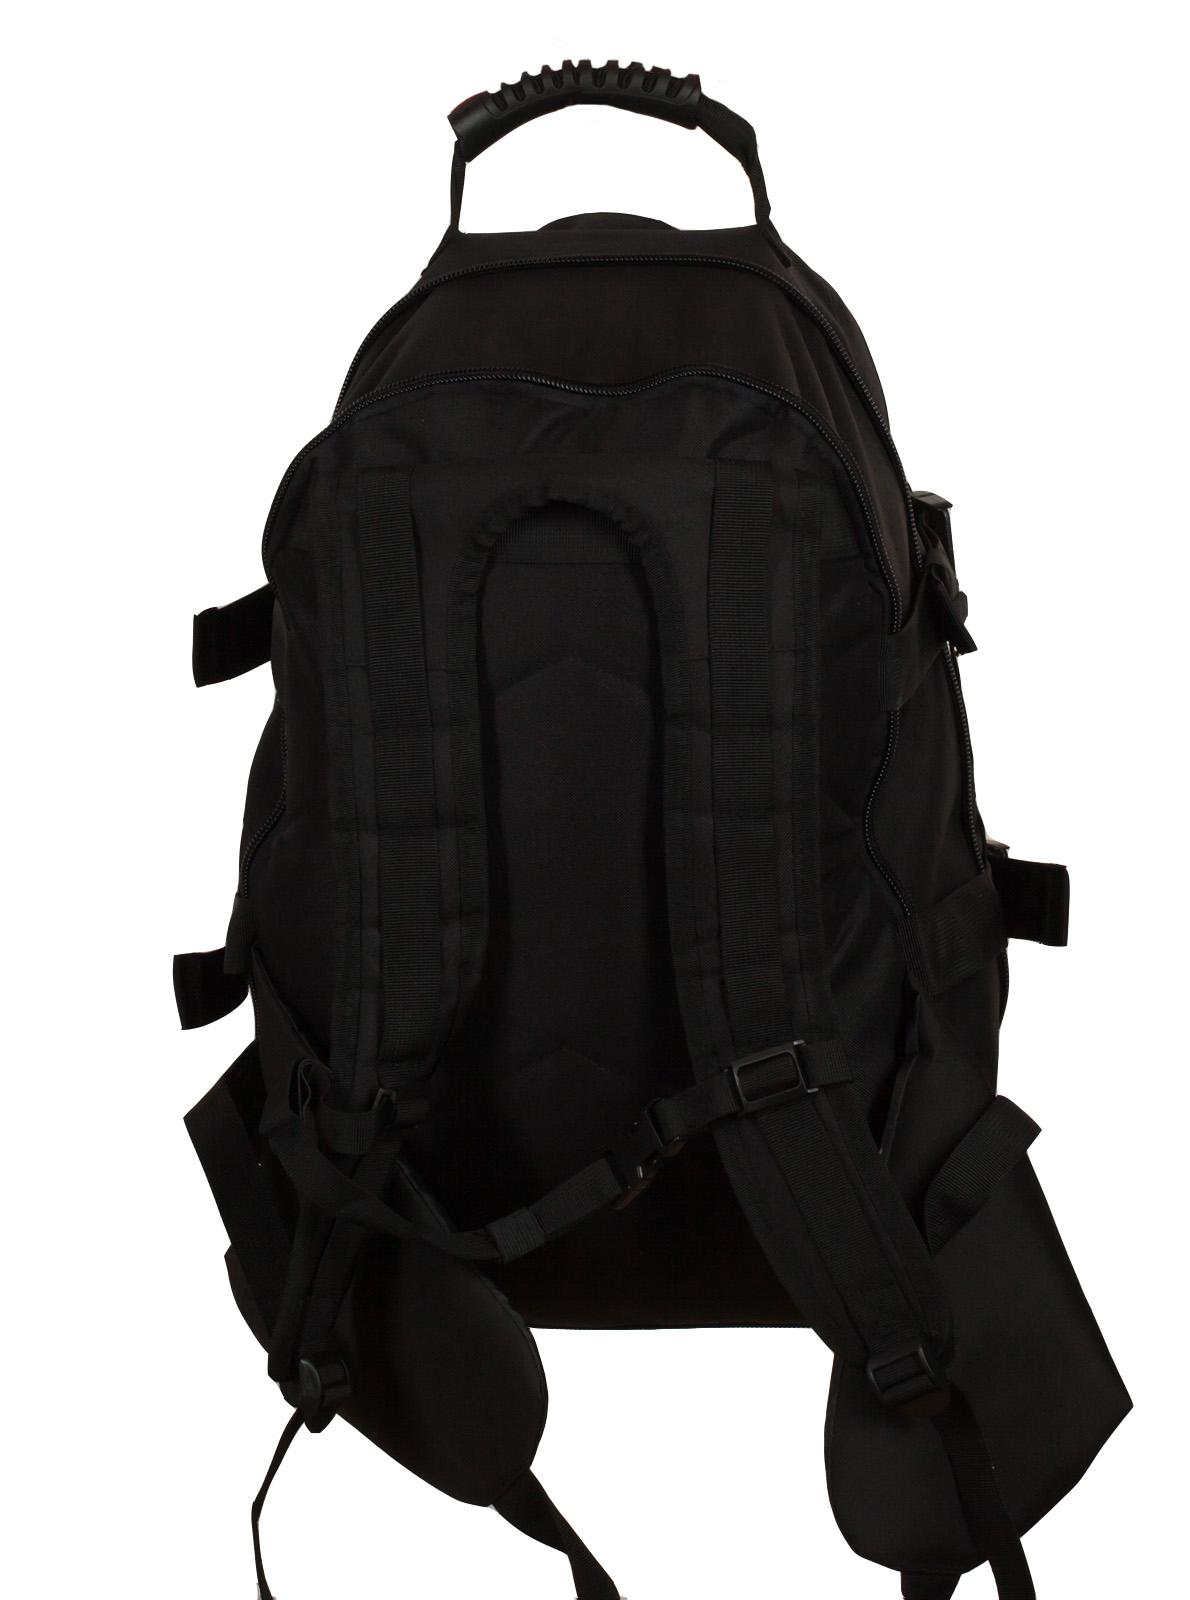 Черный трехдневный рюкзак с нашивкой Ни Пуха ни Пера - купить в подарок